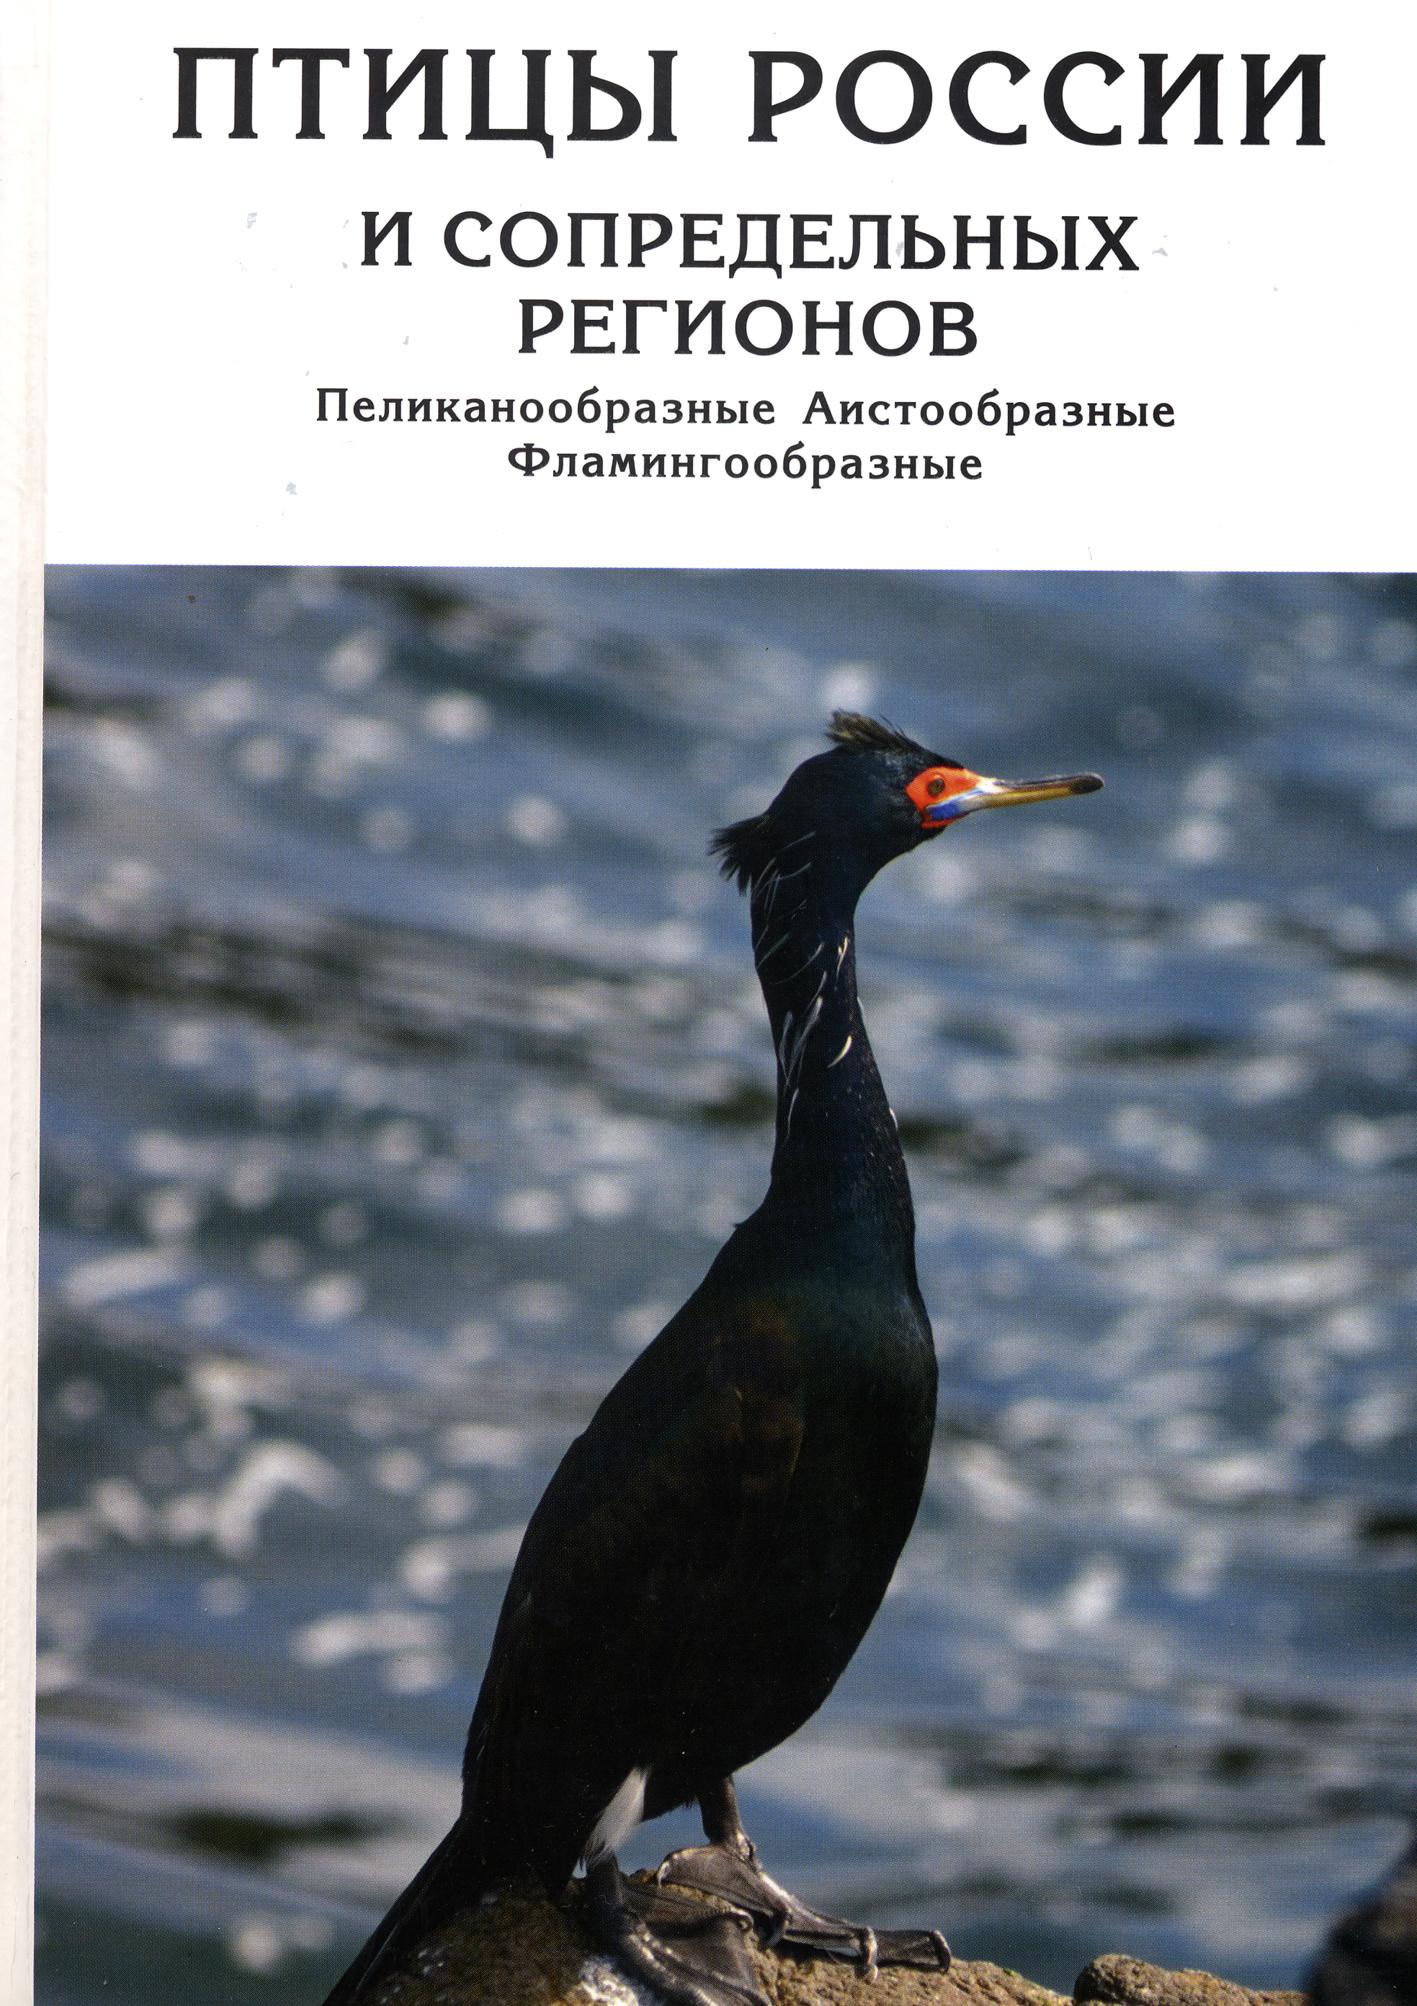 http://www.avtor-kmk.ru/photos/0000000492_00.jpg